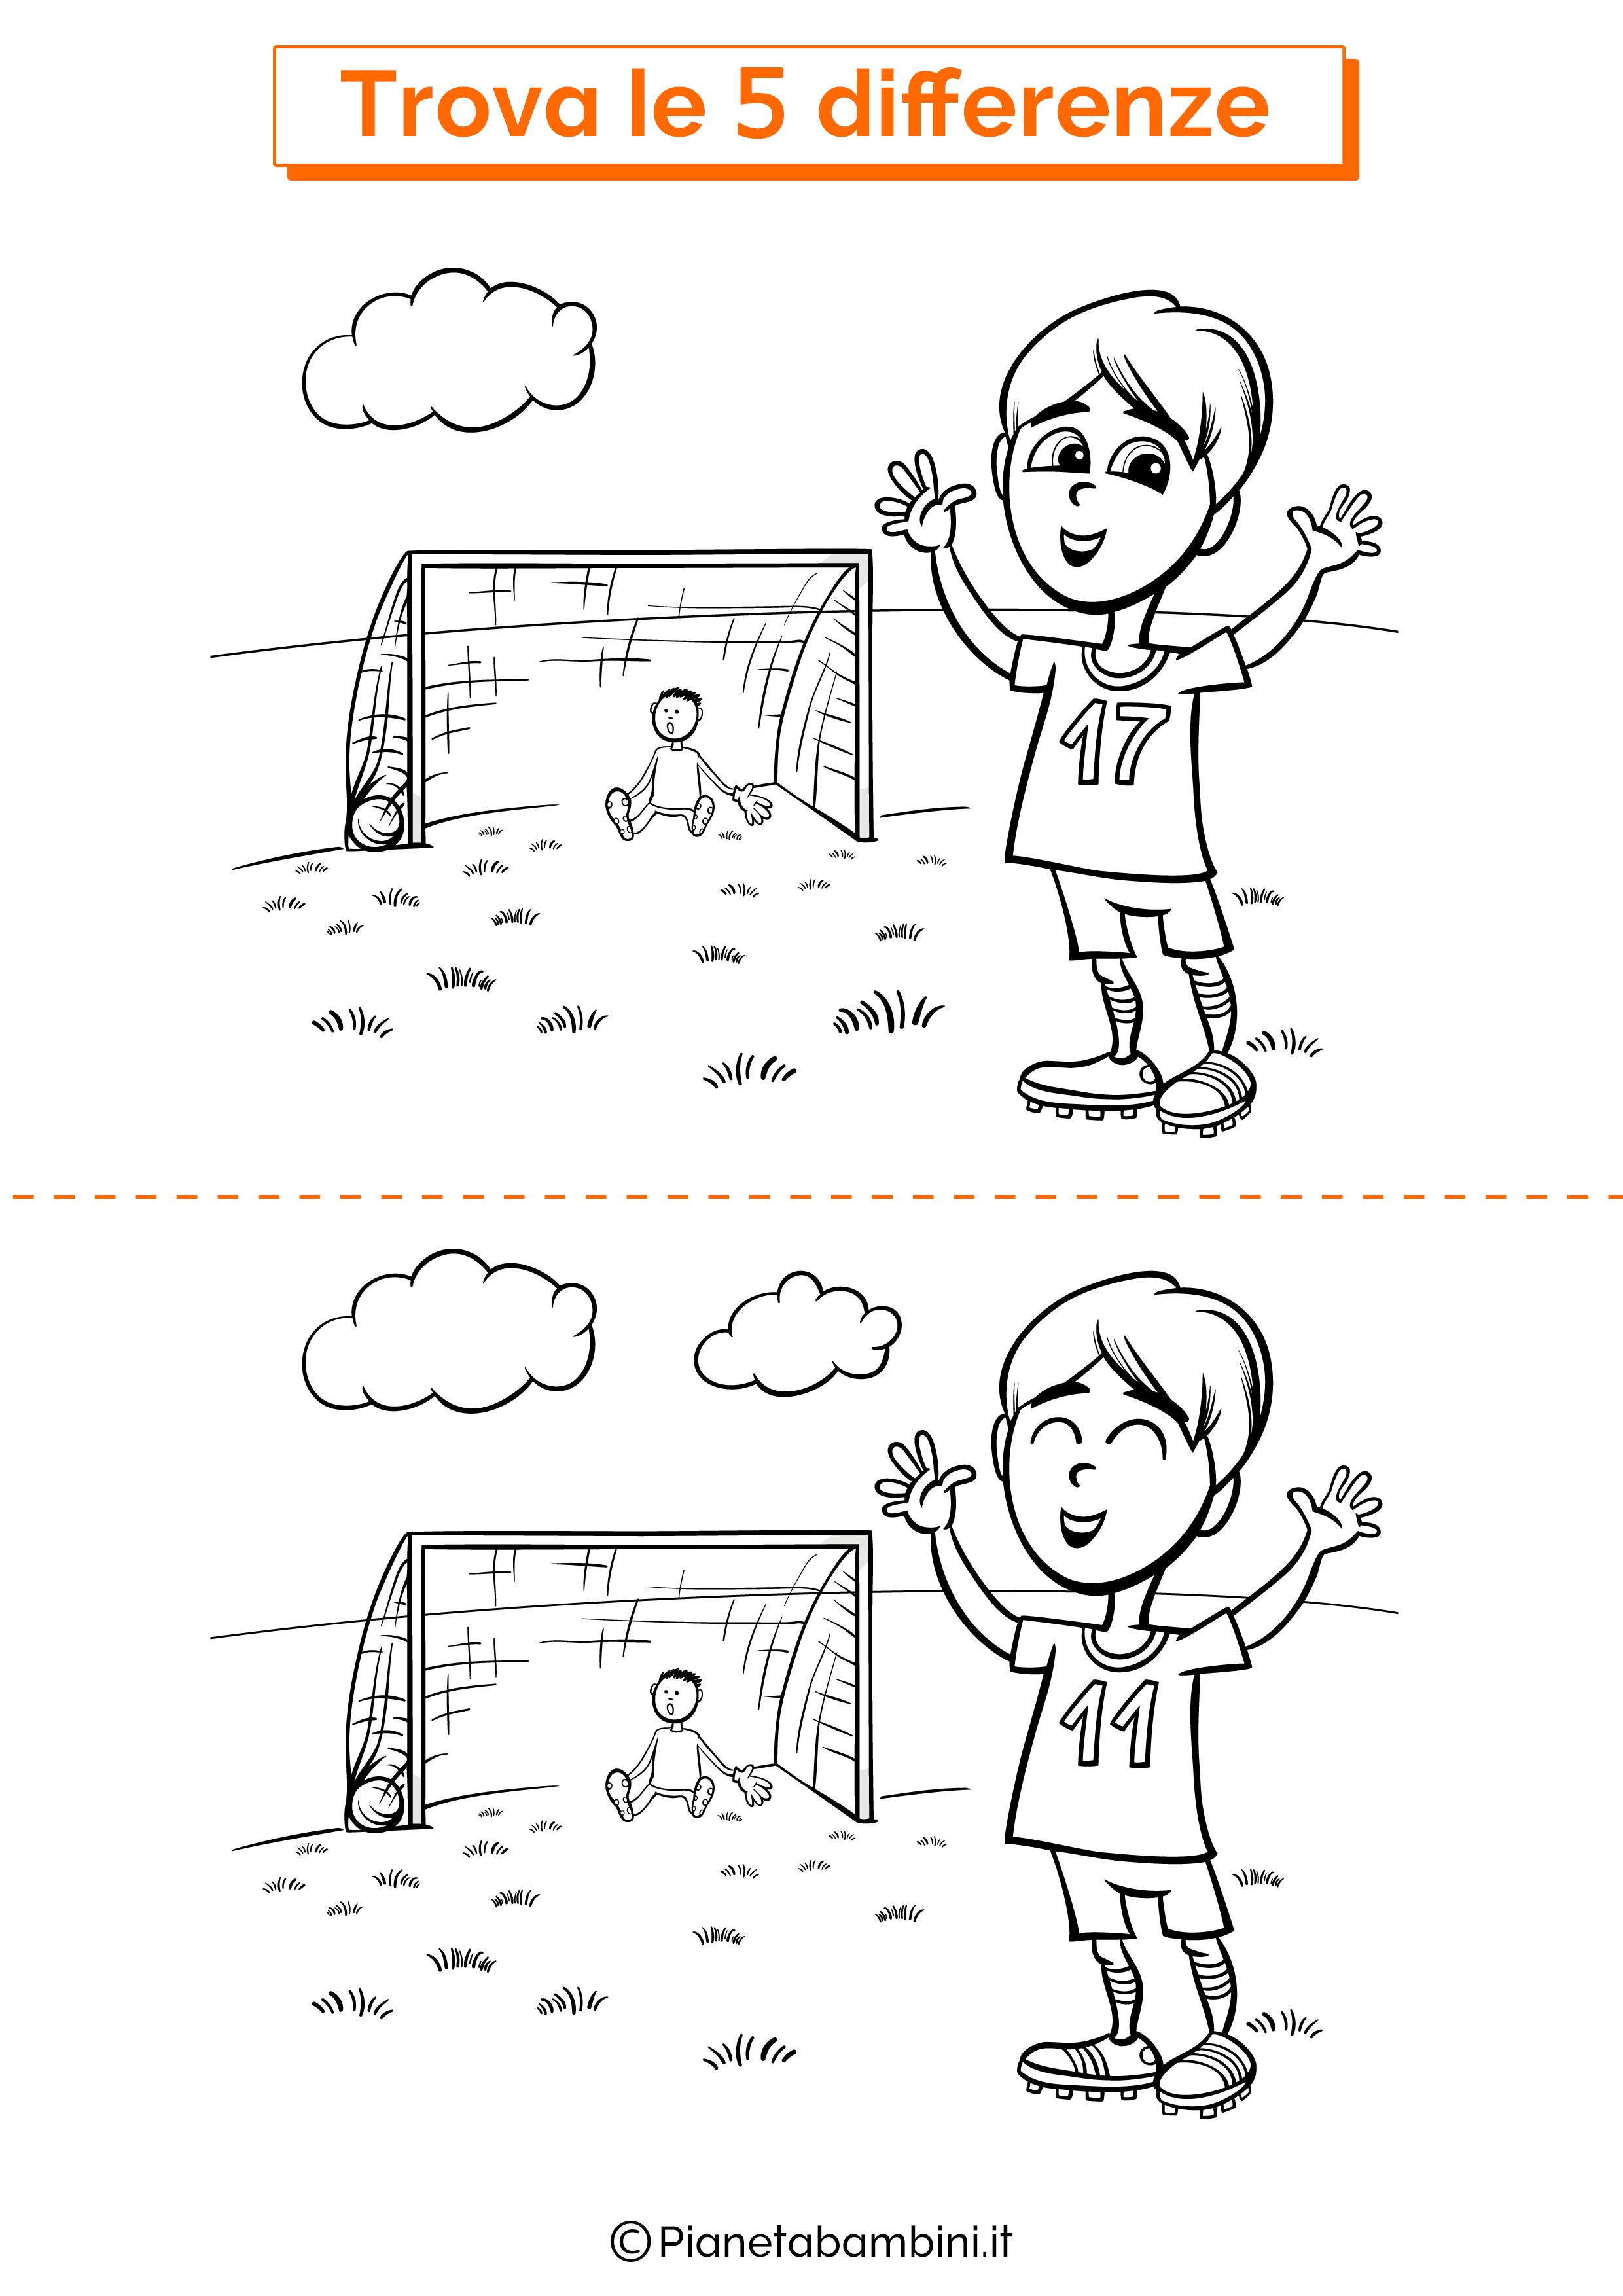 Disegno trova 5 differenze calcio